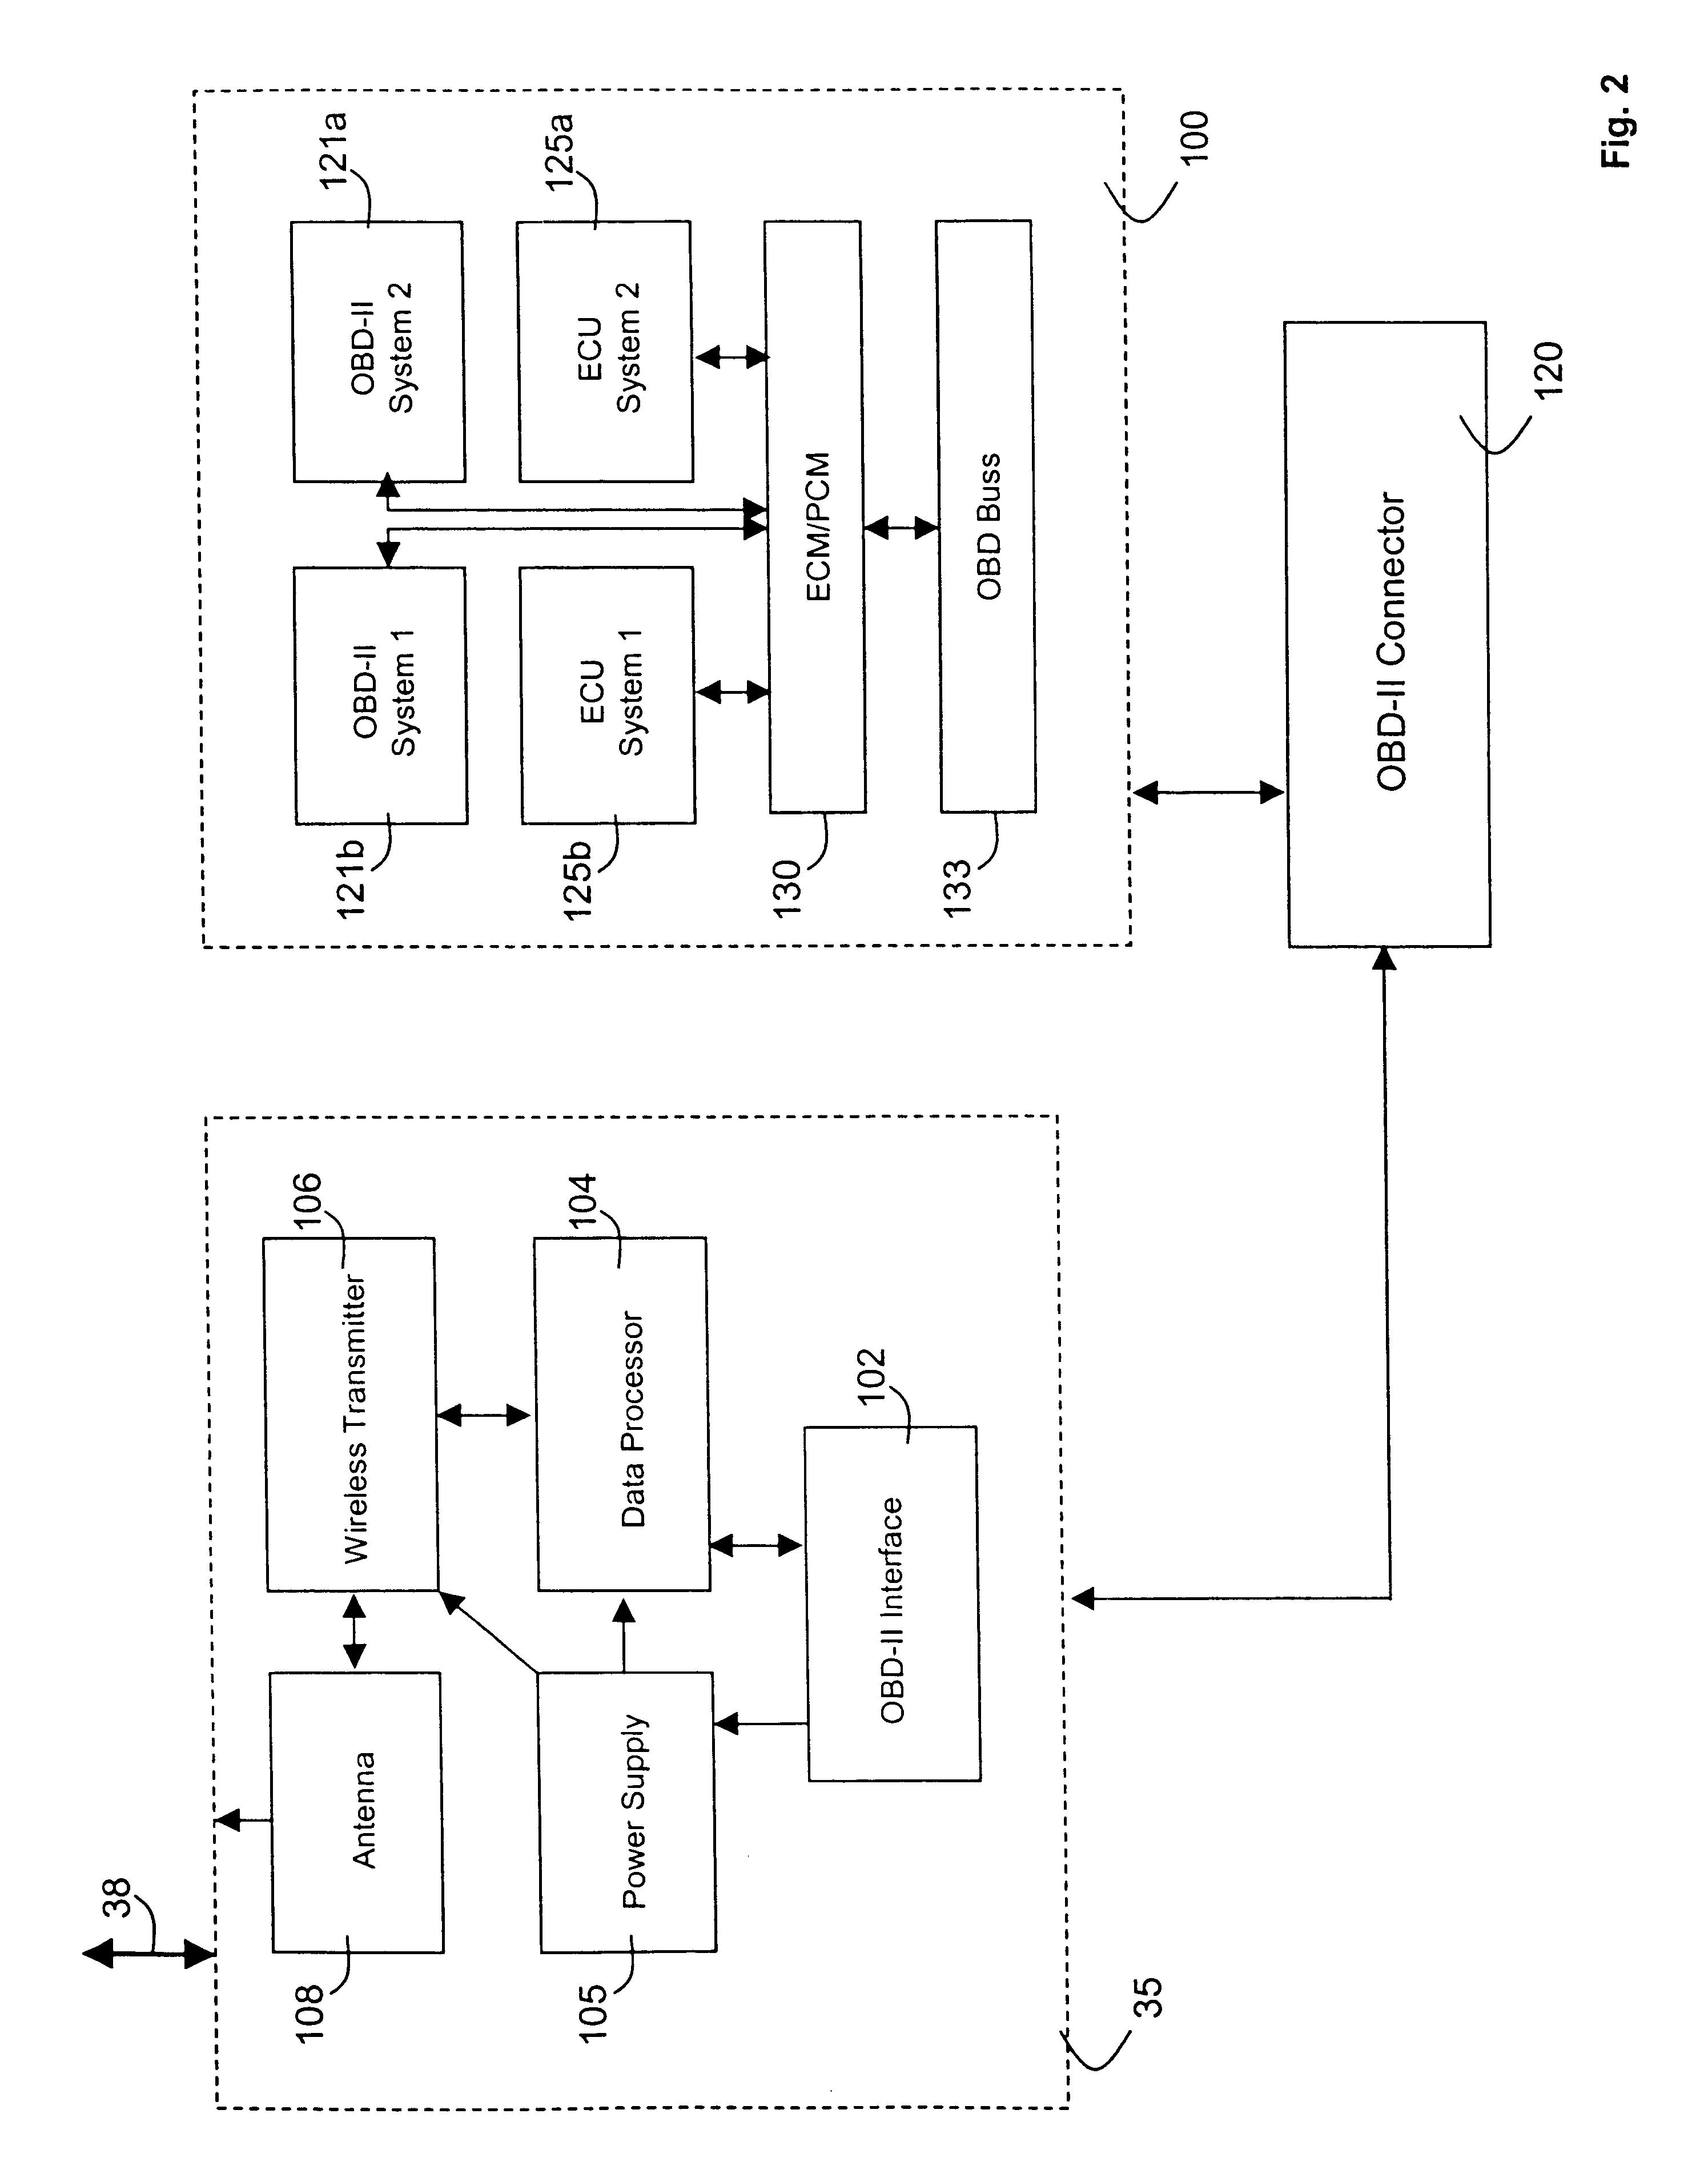 Patent Us 6732031 B1 Airbag Schematic Fabric Diagram Images